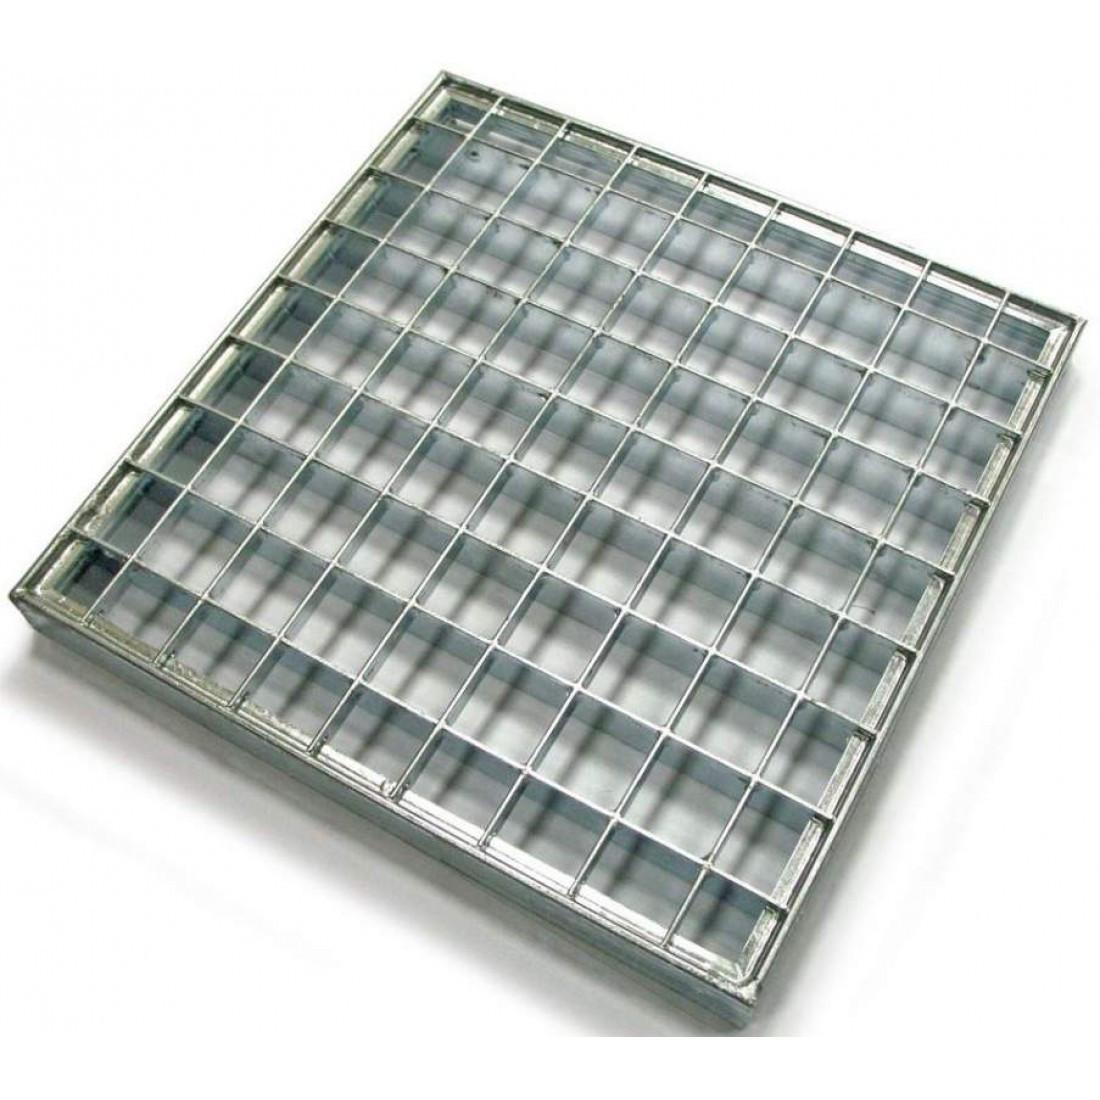 Решетка стальная 200x1000 мм (полоса 30x2 мм) мм (ячейка 33x33 мм), 5,2кг